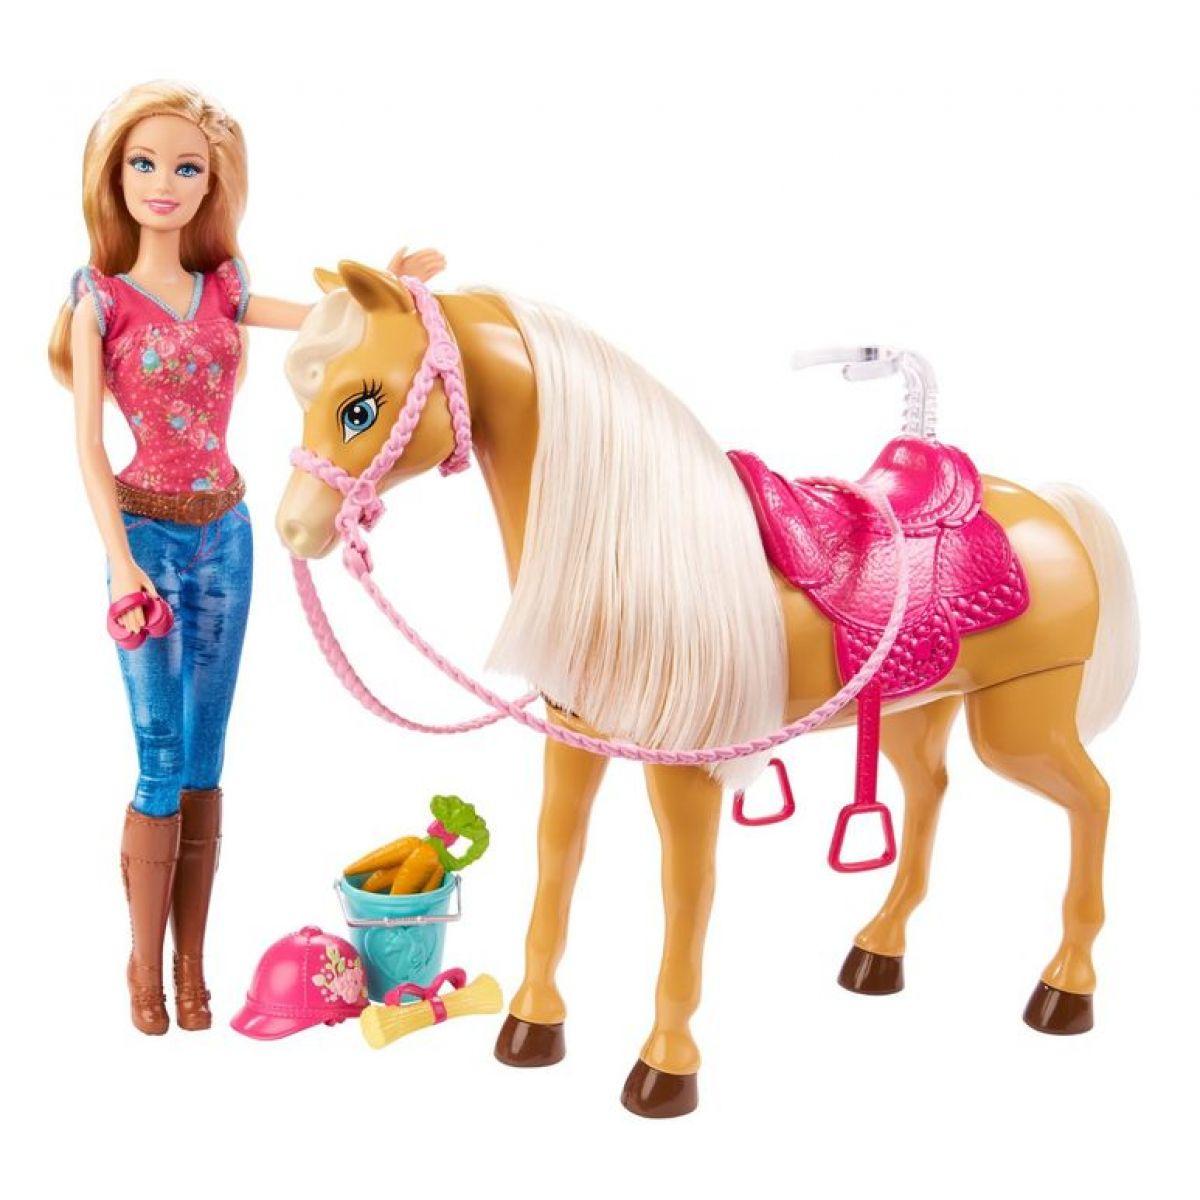 Barbie Barbie a Tawny (MATTEL BJX85)